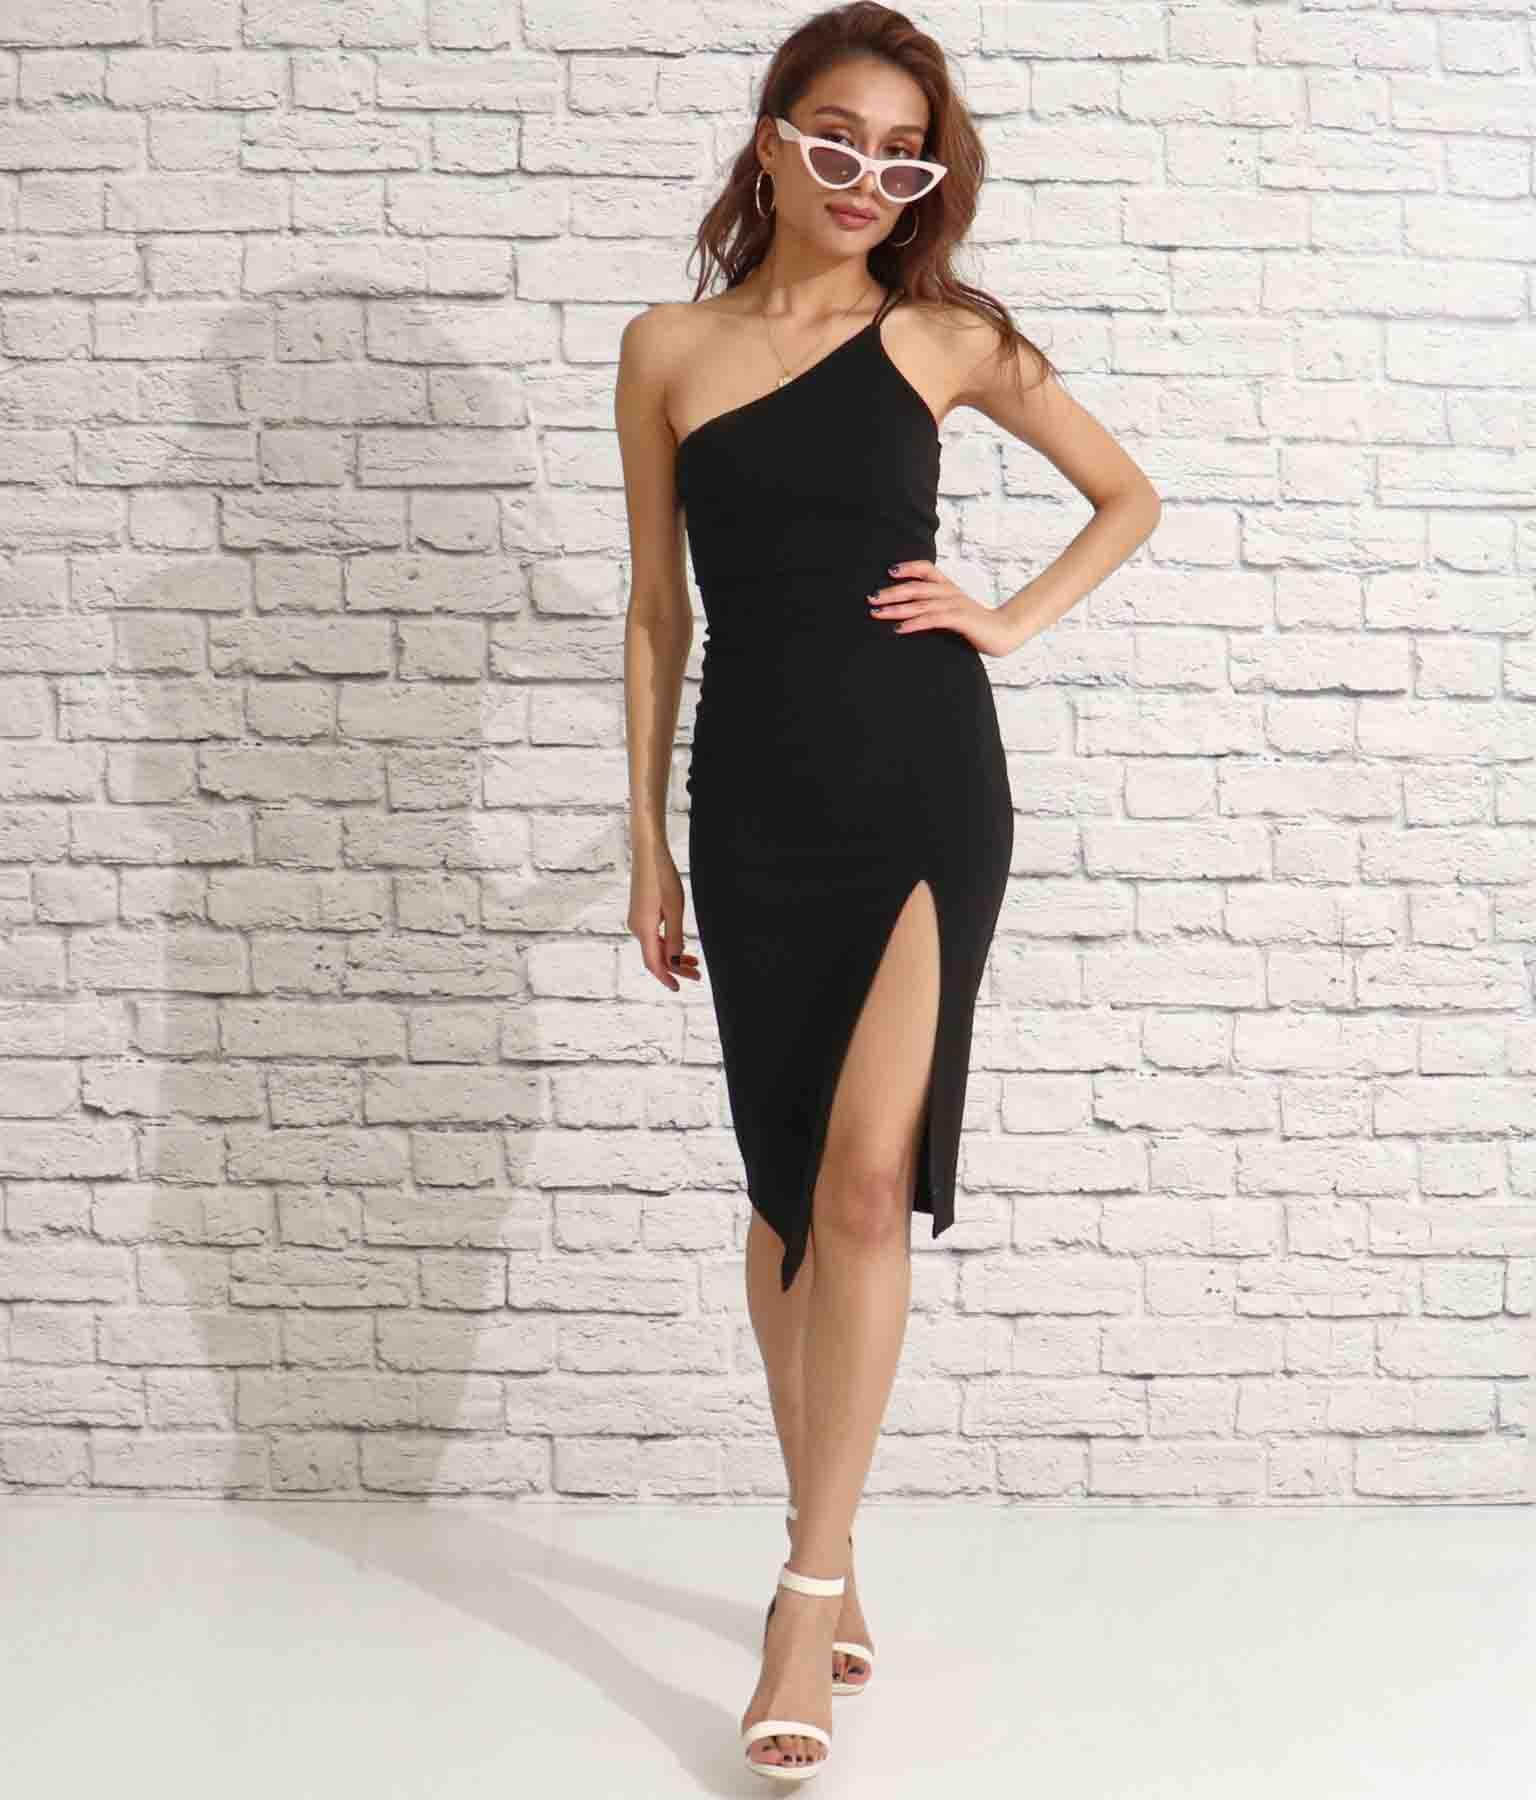 デザインワンショルダー×スリットワンピース(ワンピース・ドレス/ドレス・ミディアムワンピ・ミニワンピ・パーティードレス) | Anap USA